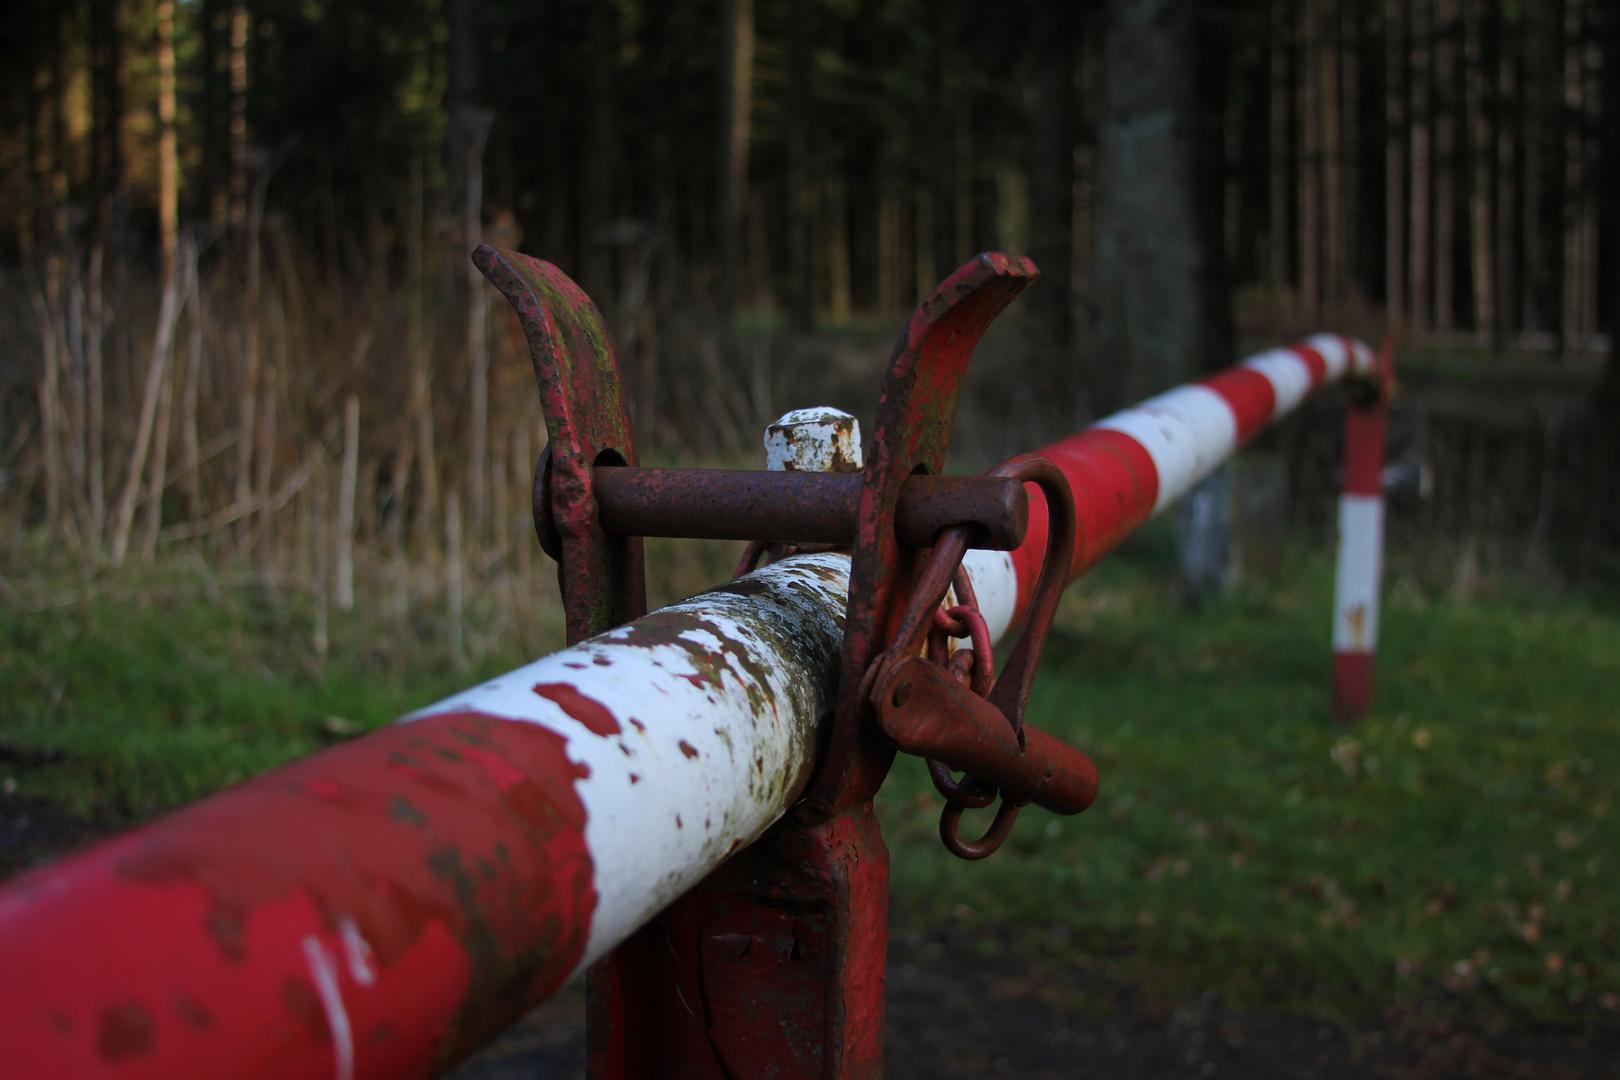 Die alte Schranke Foto & Bild | landschaft, wege und pfade, natur ...